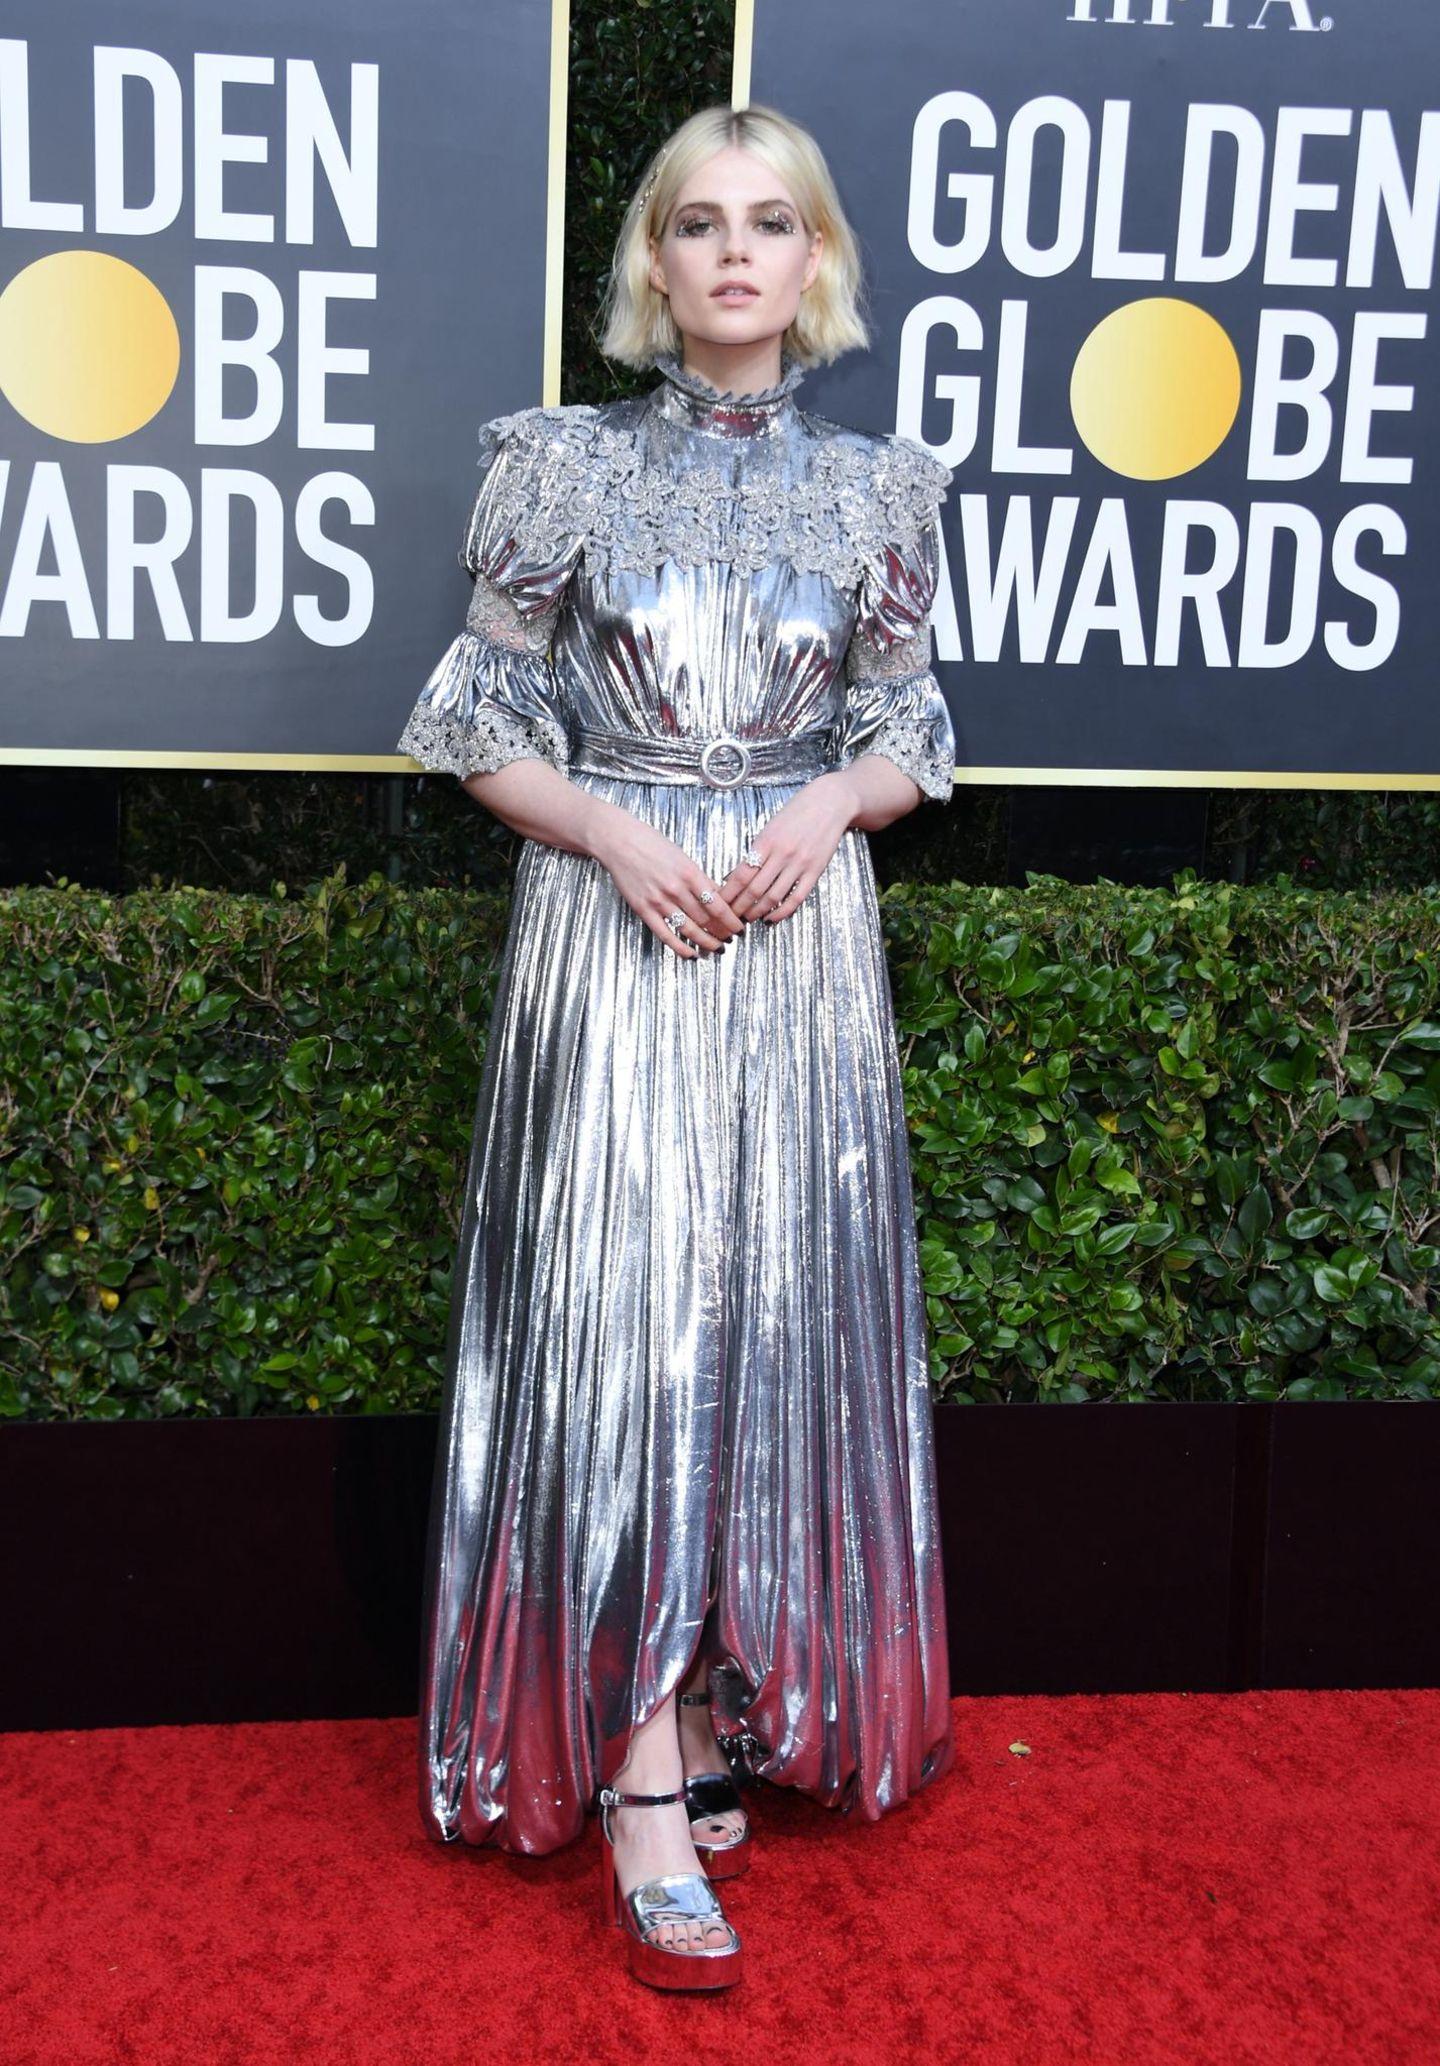 Golden Globes 2020: Lucy Boynton